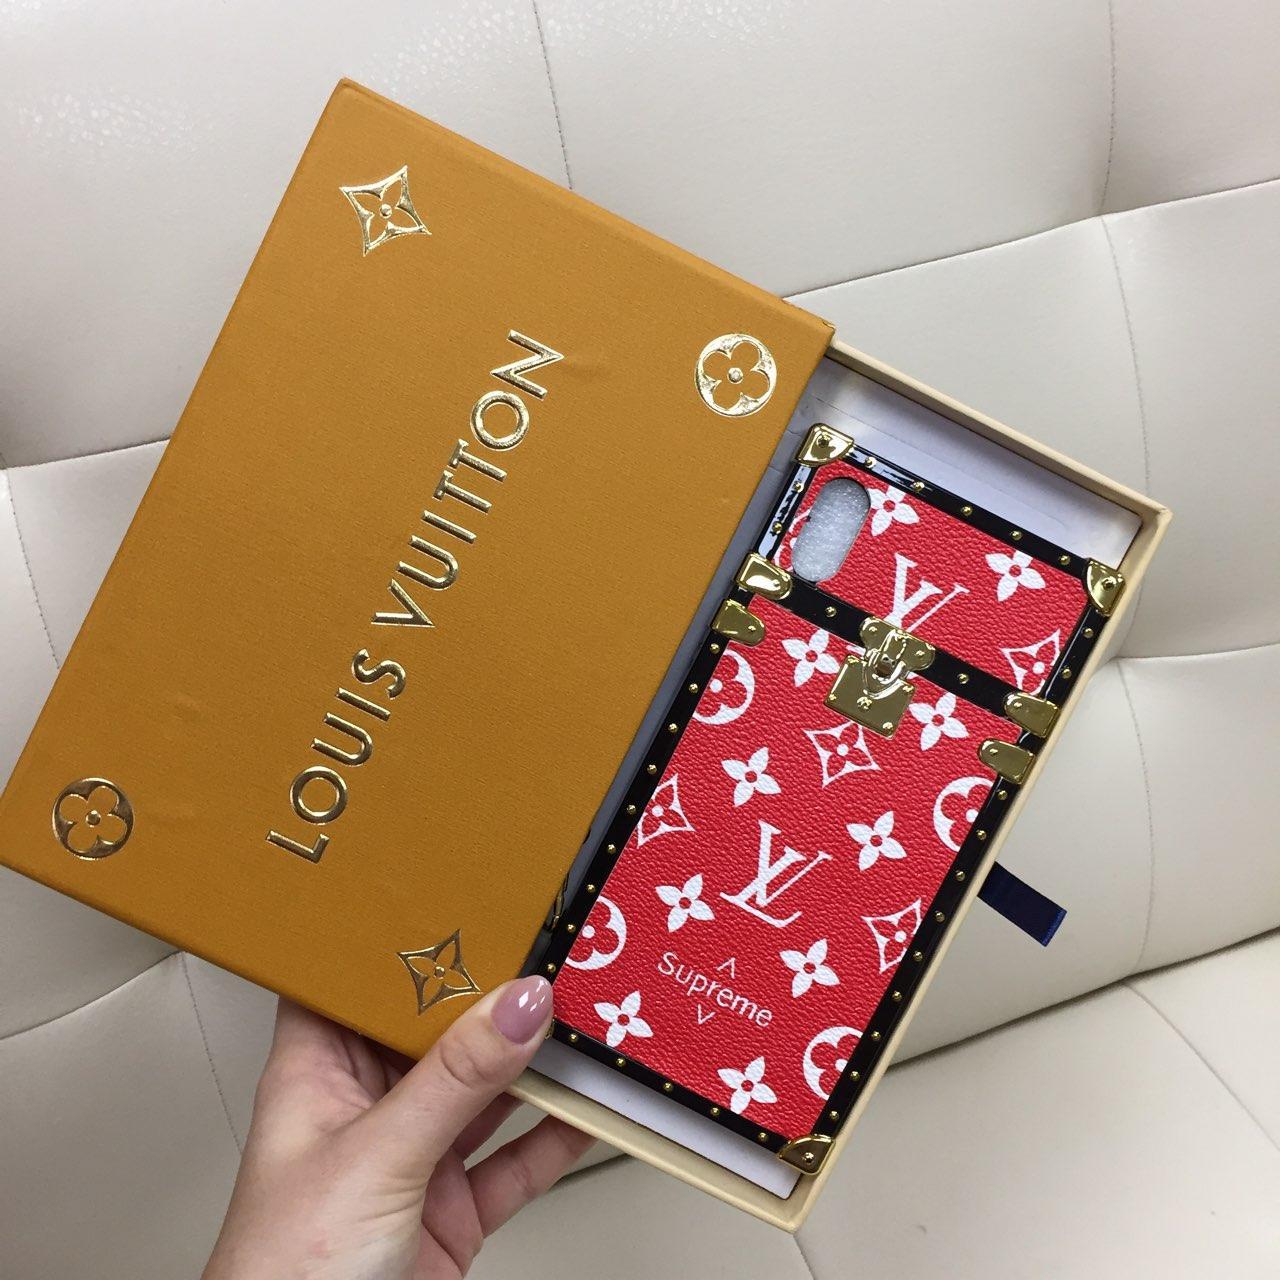 Чехол для iPhone XR Louis Vuitton бампер силикон кожа светло красная классика Suprime